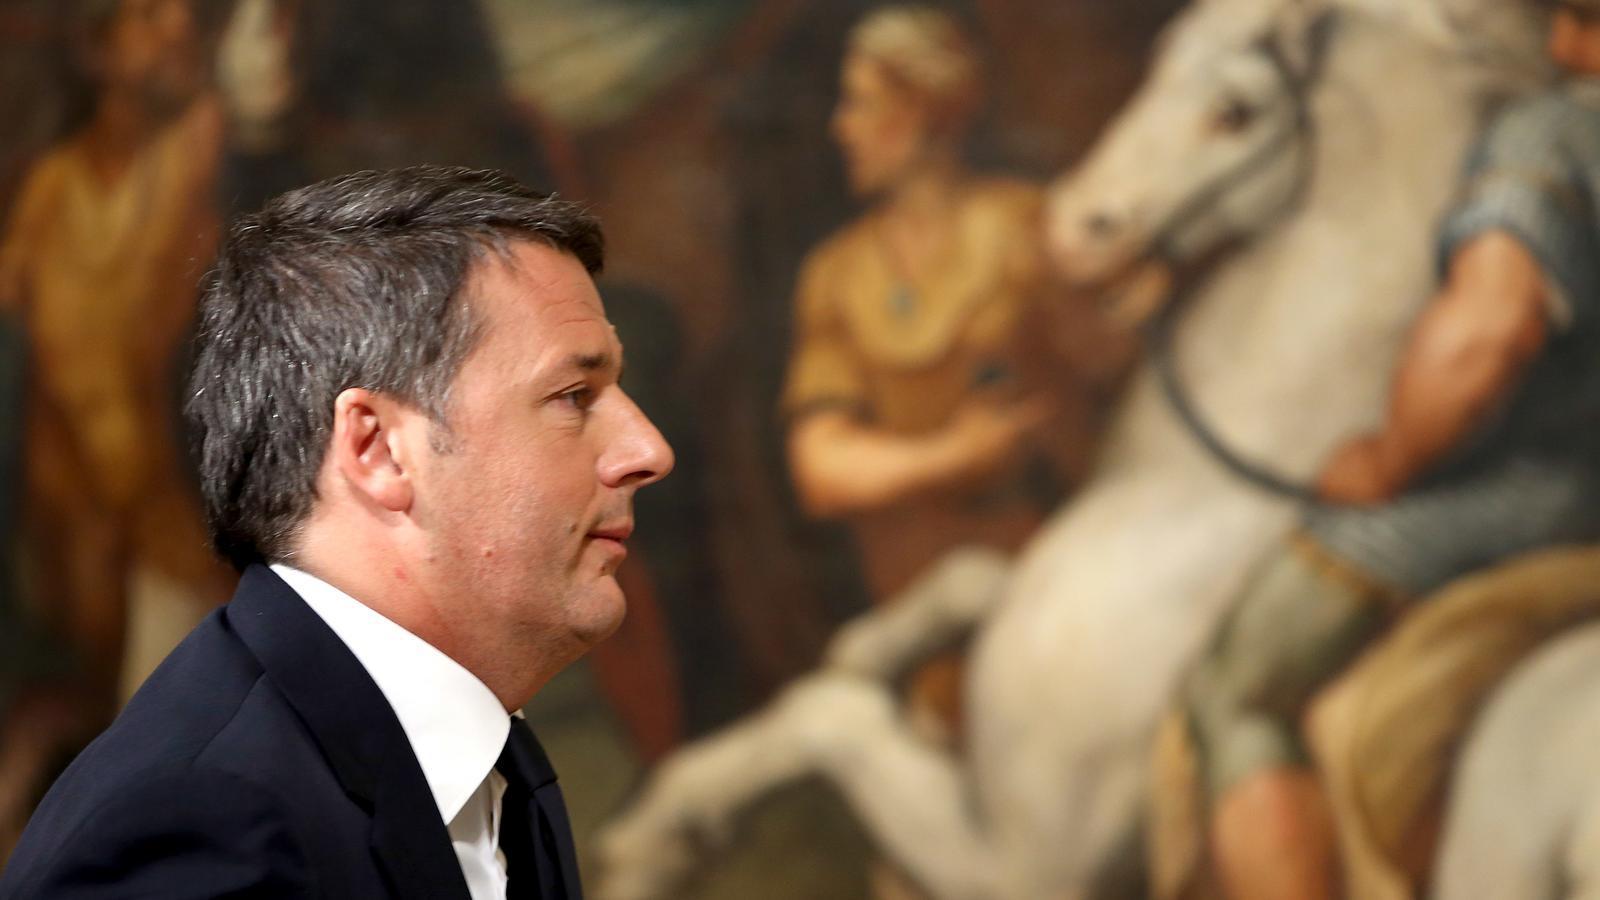 El cap de govern italià ha dimitit després de perdre el plebiscit per canviar la Constitució.